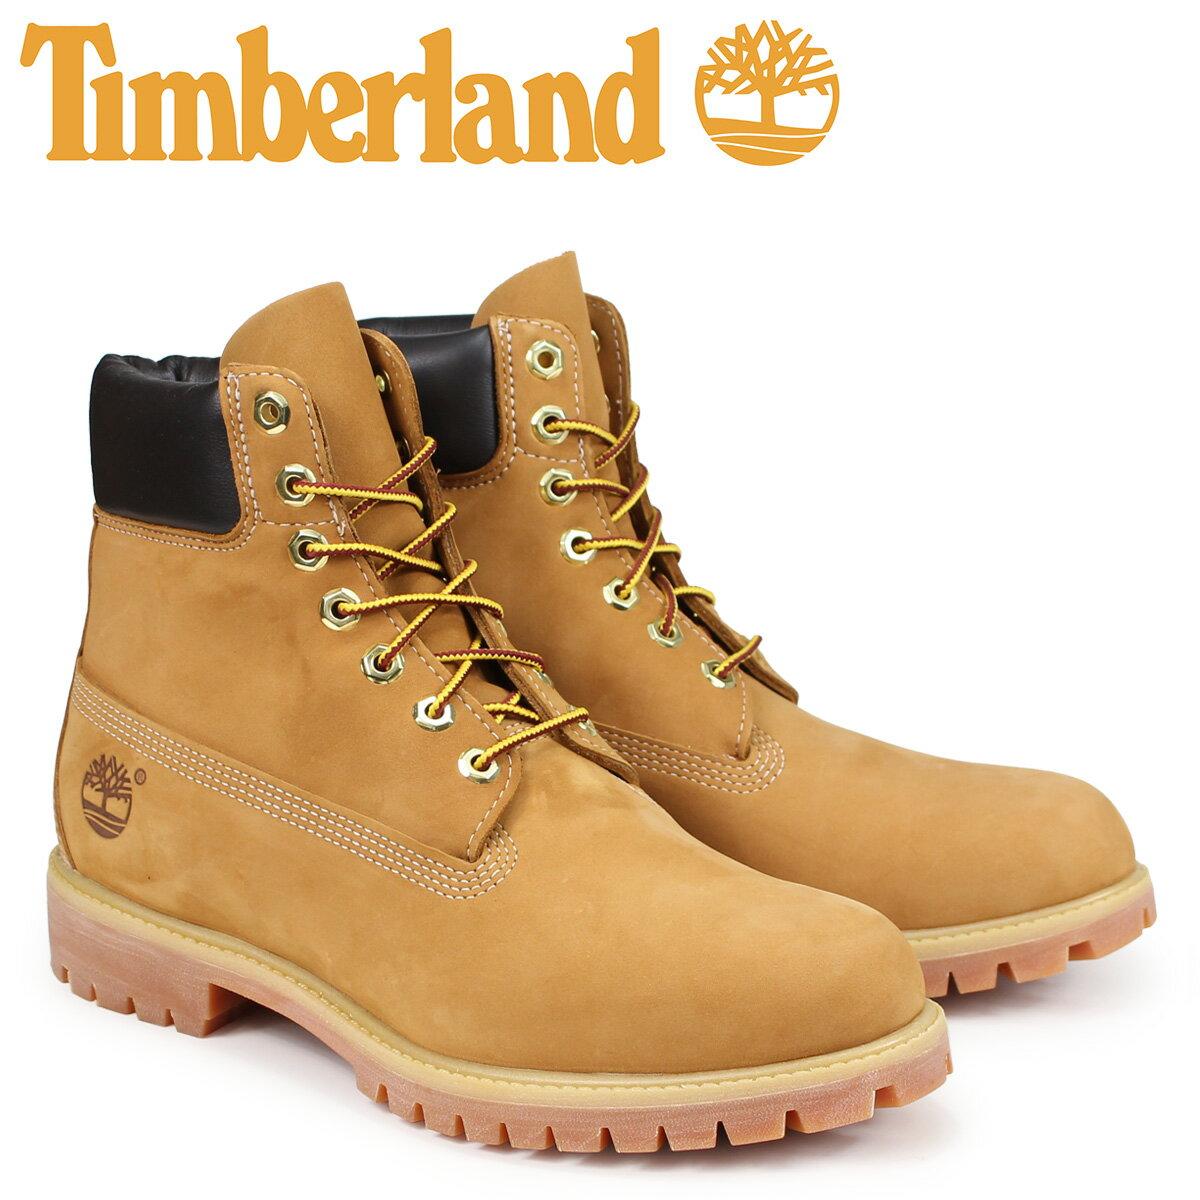 ティンバーランド ブーツ メンズ 6インチ Timberland 6INCH PREMIUM WATERPROOF BOOTS 10061 プレミアム ウォータープルーフ [予約商品 1/20頃入荷予定 追加入荷]